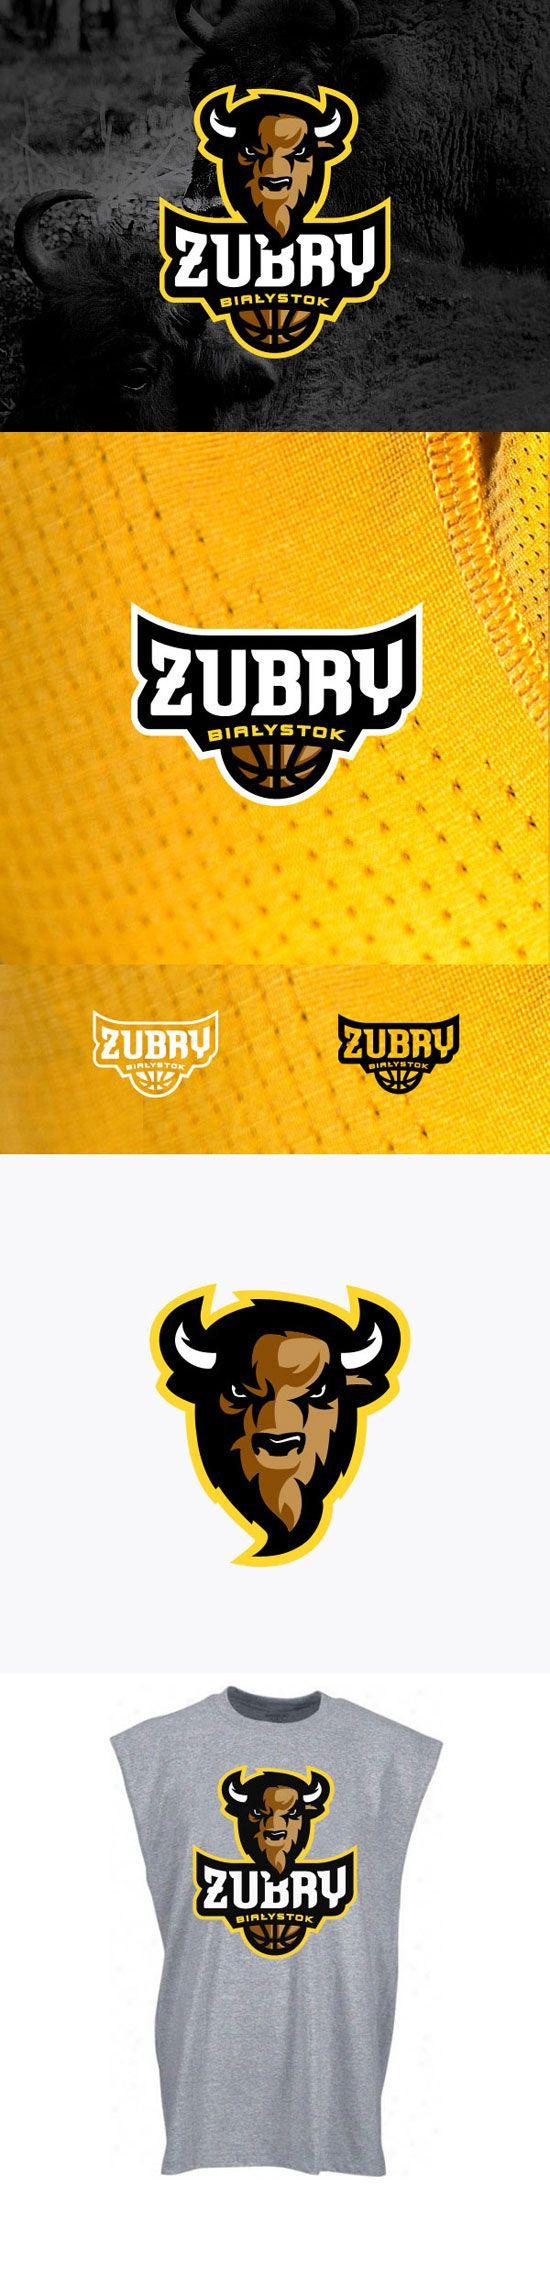 """""""Zubry Bialystok"""" - Awesome Sports Logo Designs by Kamil Doliwa   iBrandStudio"""